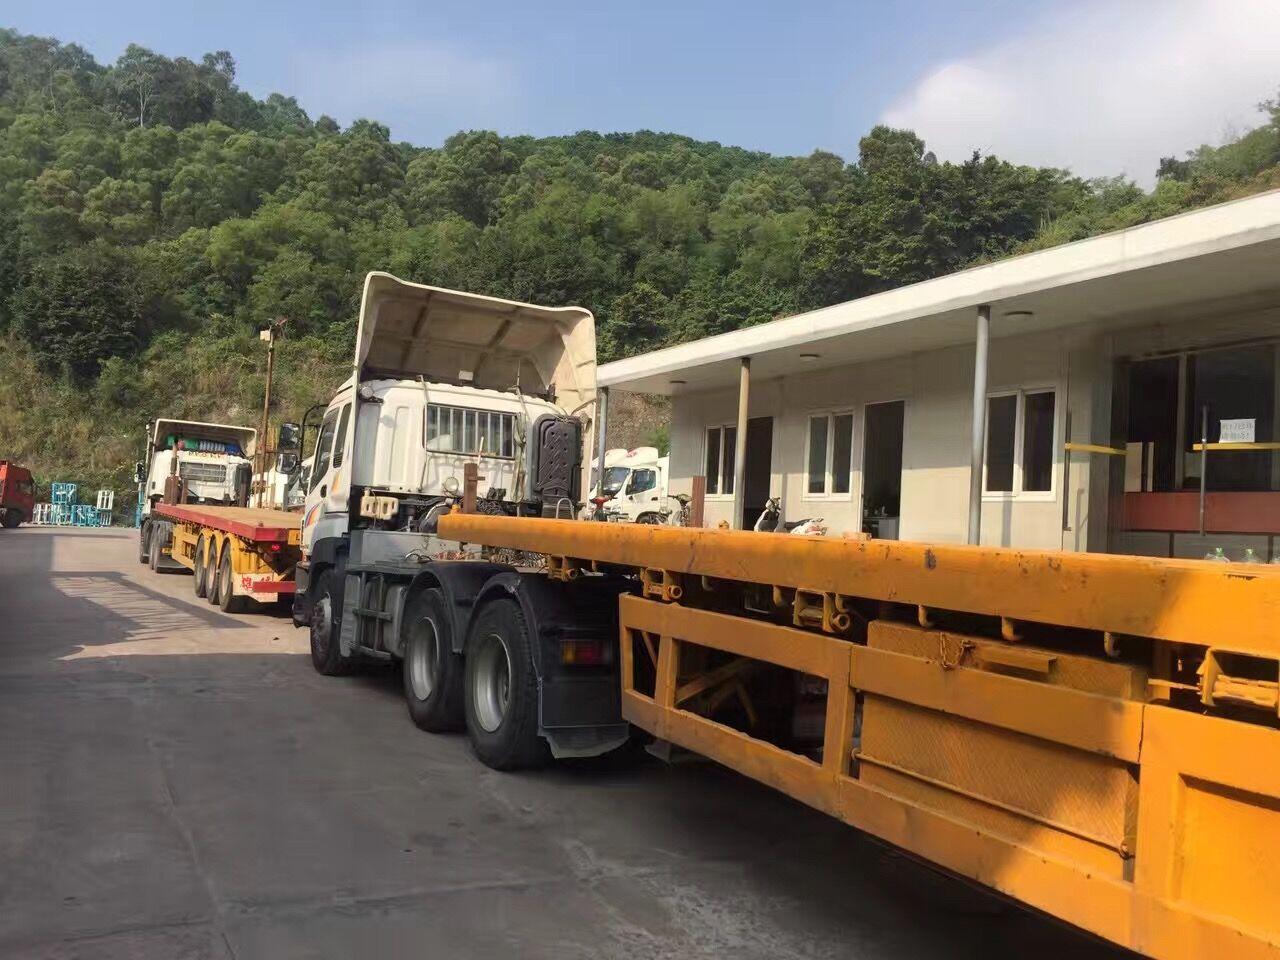 中港平板车,香港平板车,中港平板车中港矮排车运输,香港伸缩排,超长货物运输就找东胜物流